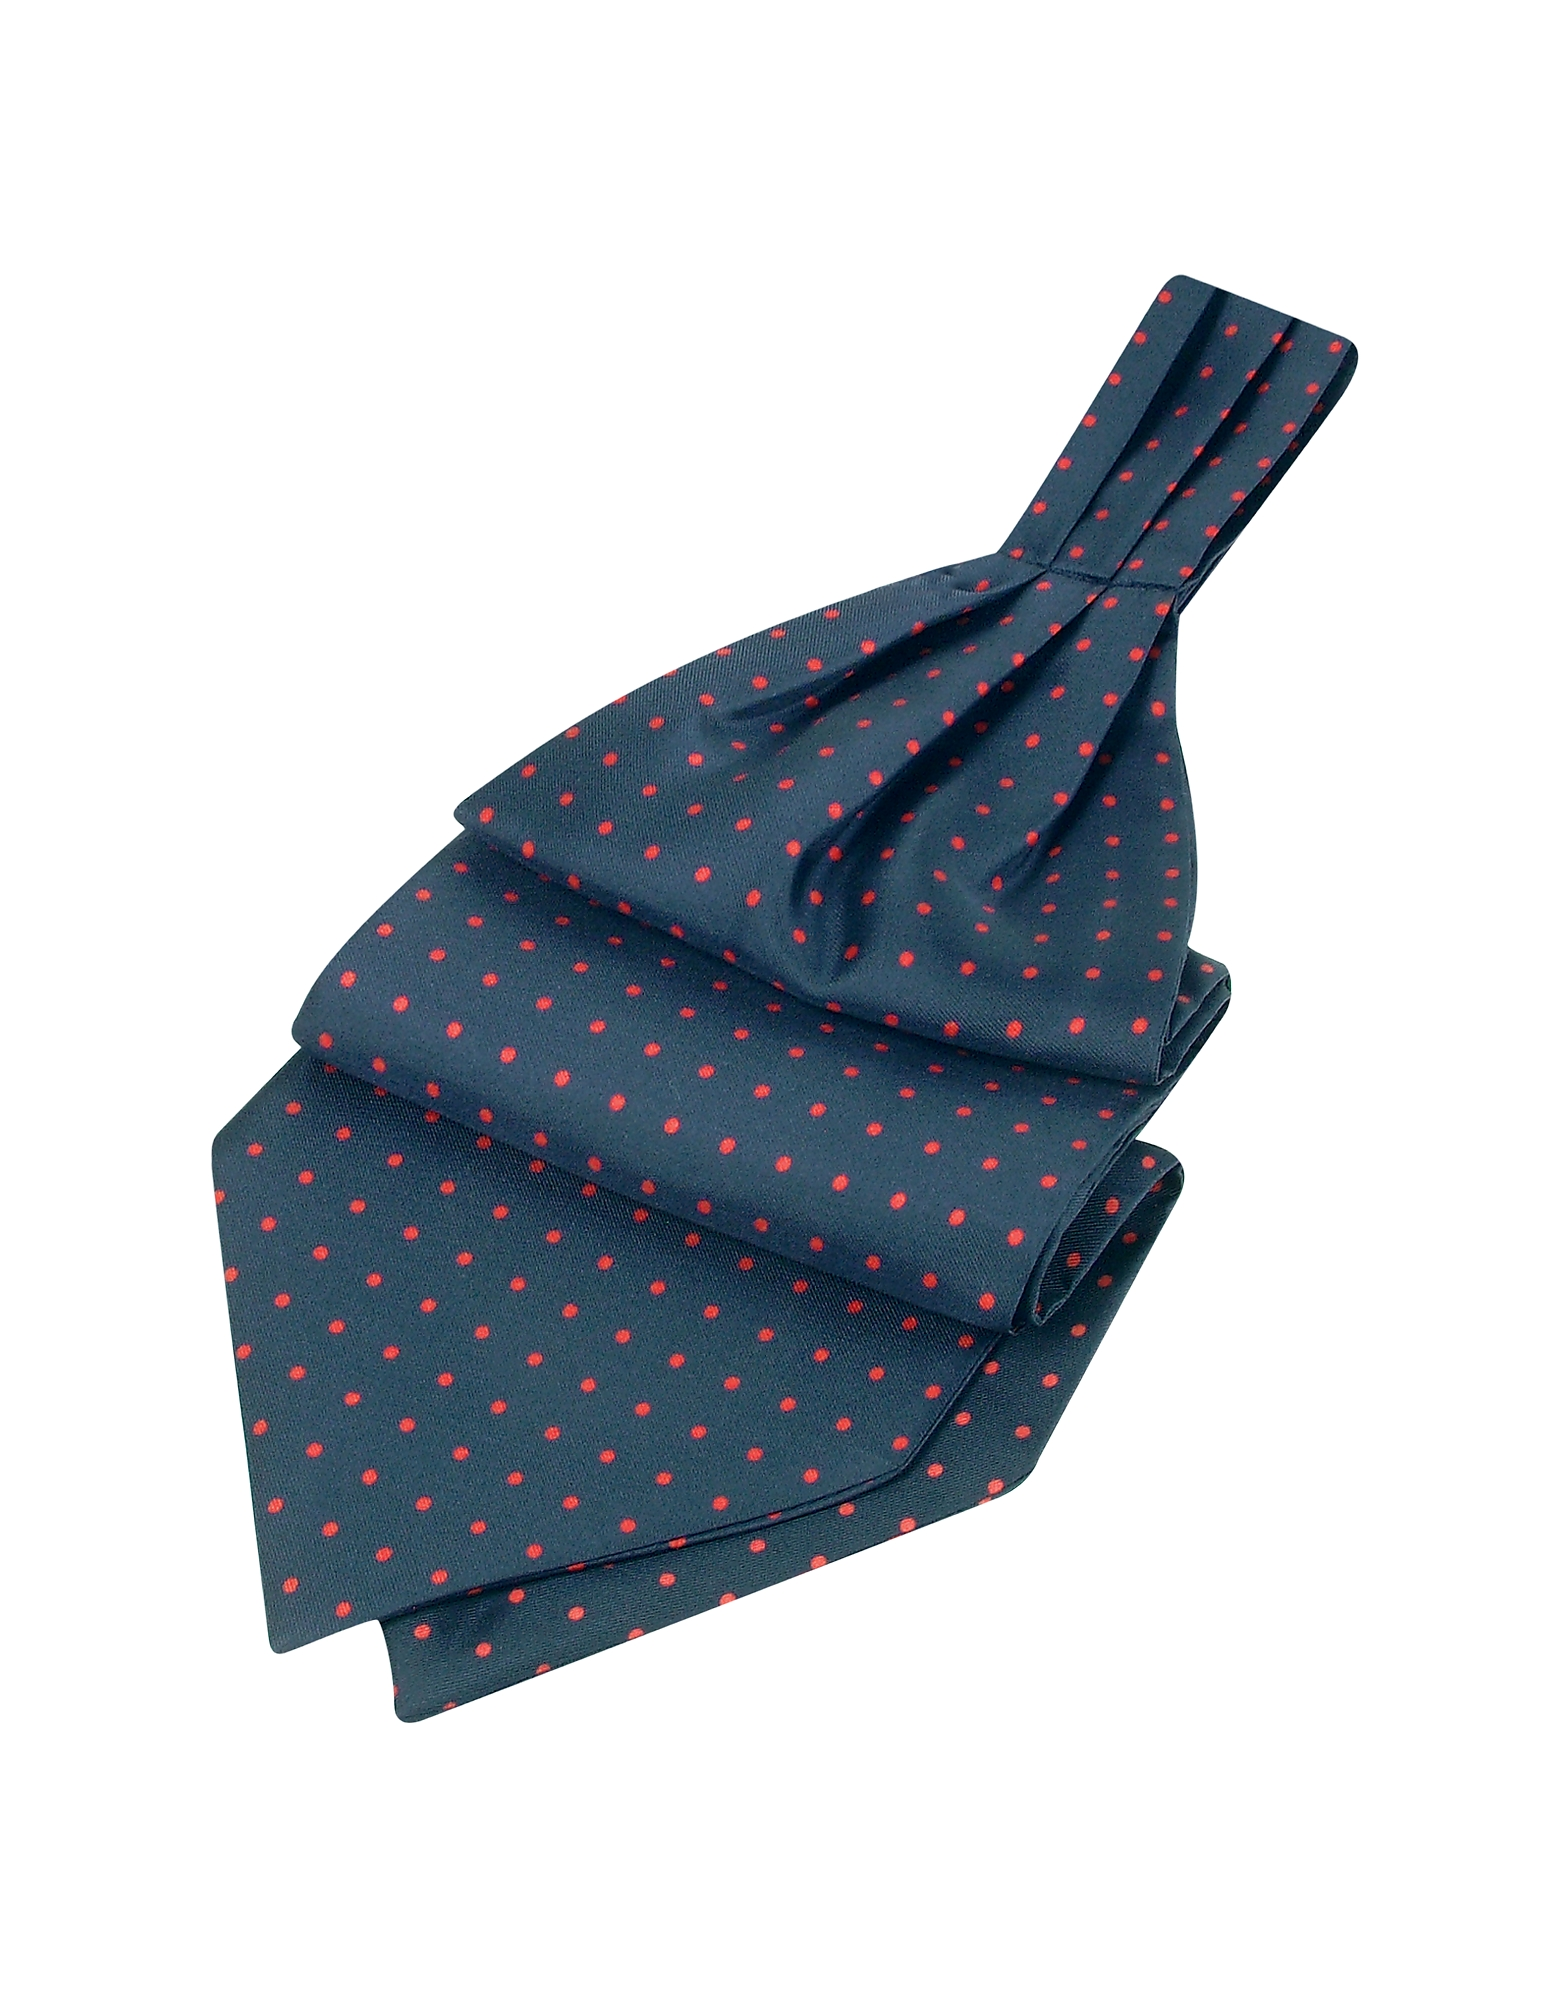 Forzieri Ascot ties, Polkadot Pattern Dark Blue Twill Silk Ascot